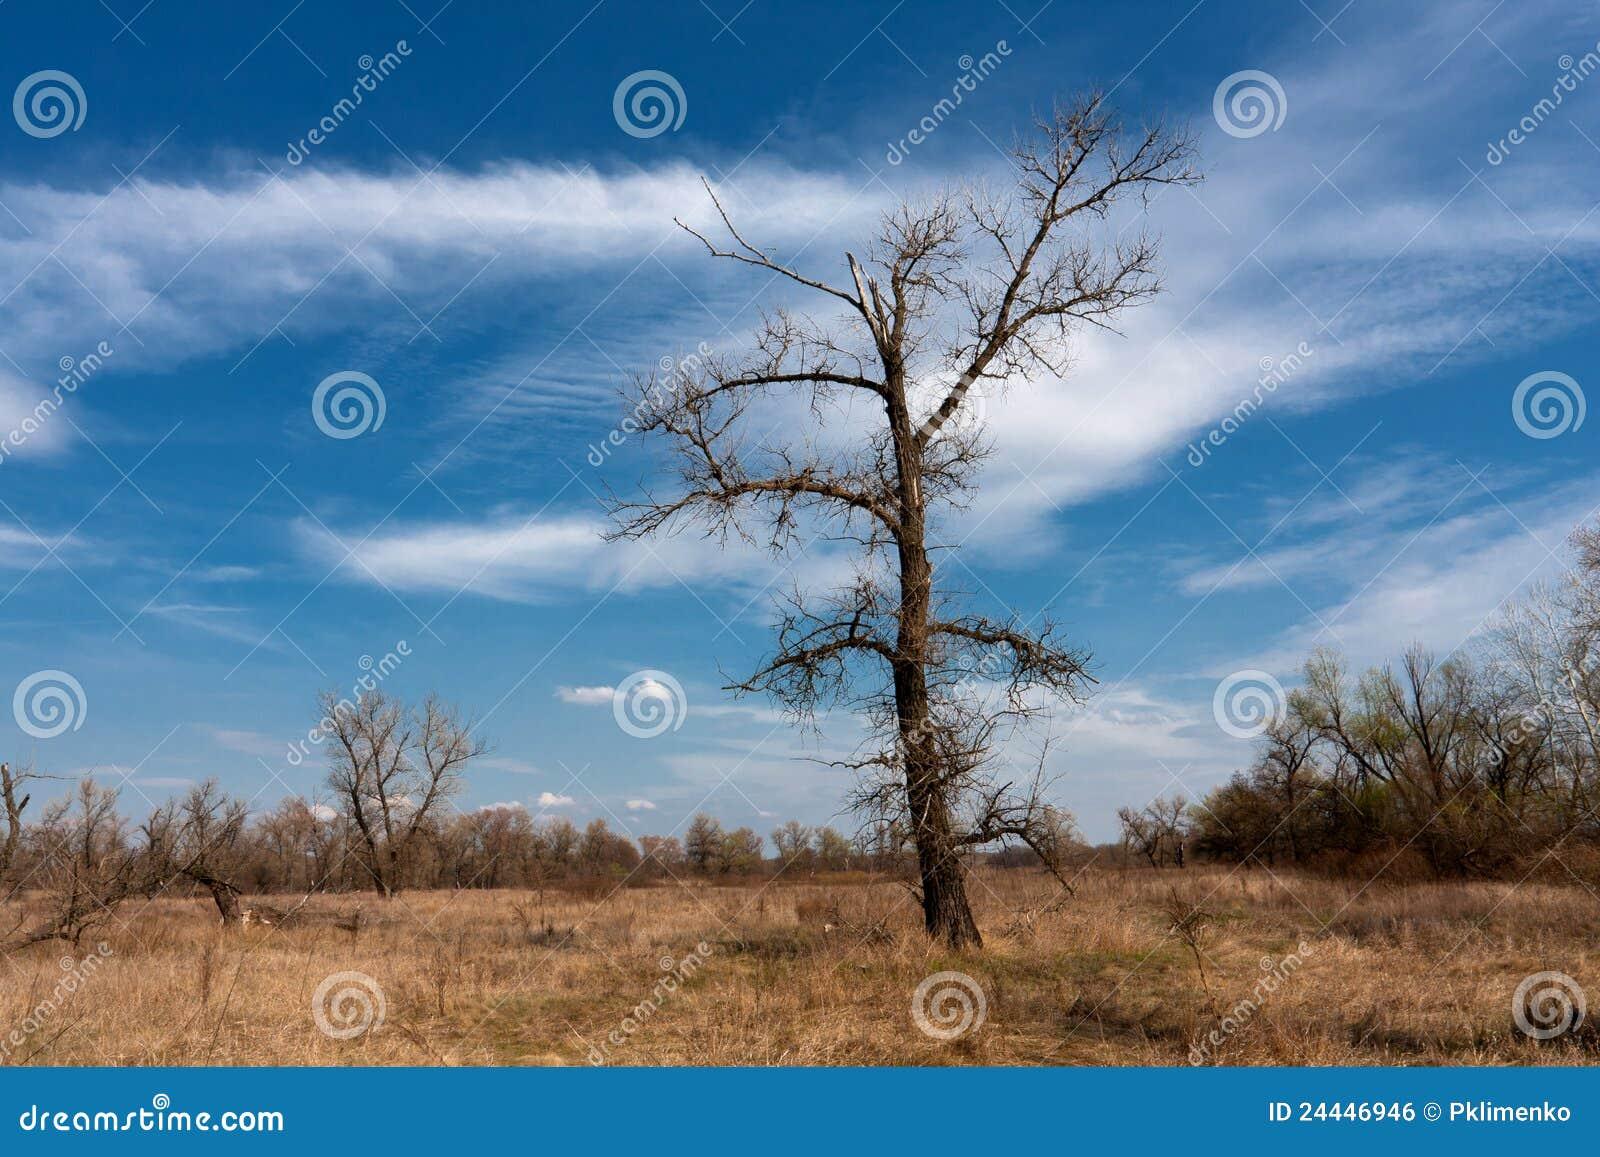 Arbre sans feuilles sur le pr image libre de droits - Arbres sans feuilles ...